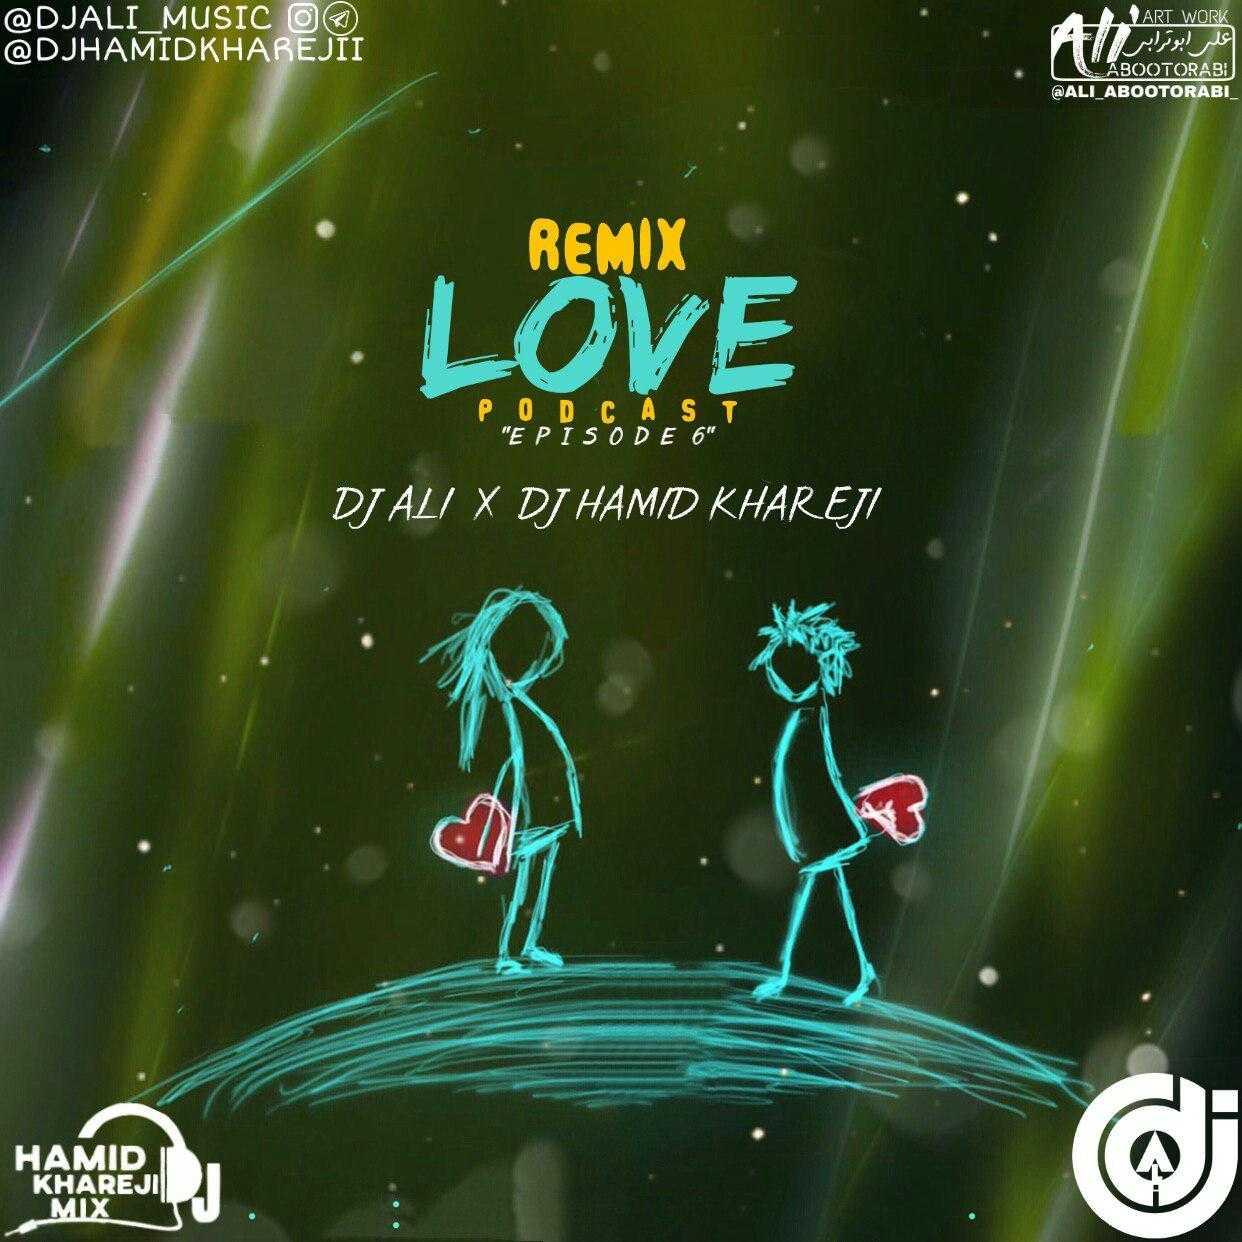 دانلود ریمیکس جدیددی جی حمید خارجیودی جی علی به نام Love 06